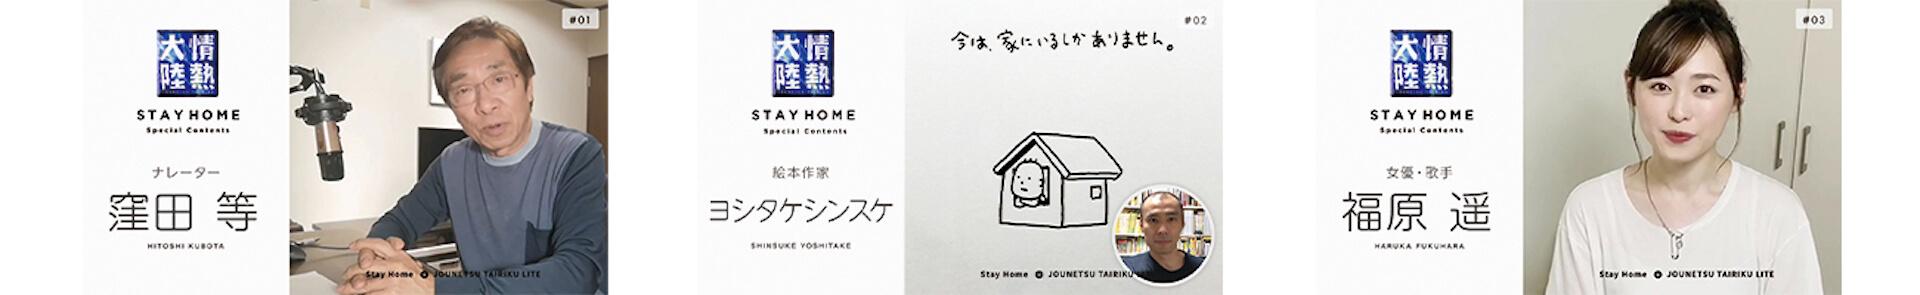 『情熱大陸』公式YouTubeチャンネル「情熱大陸 LITE」がスタート!オリジナル番組やSTAY HOME特別企画も video200511_jounetsutairiku_lite_02